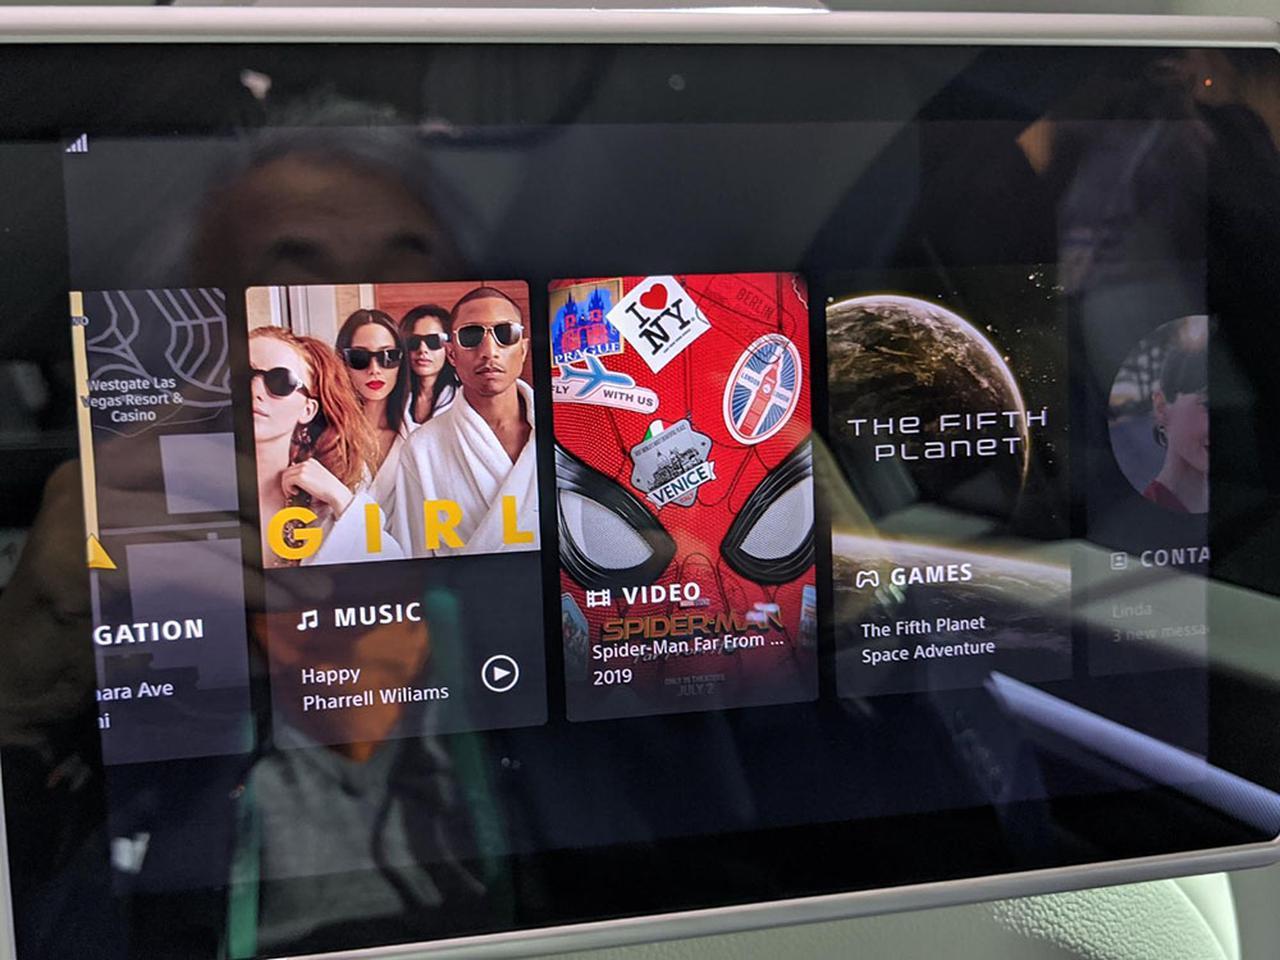 画像: 映画、音楽から好きなコンテンツを選ぶ